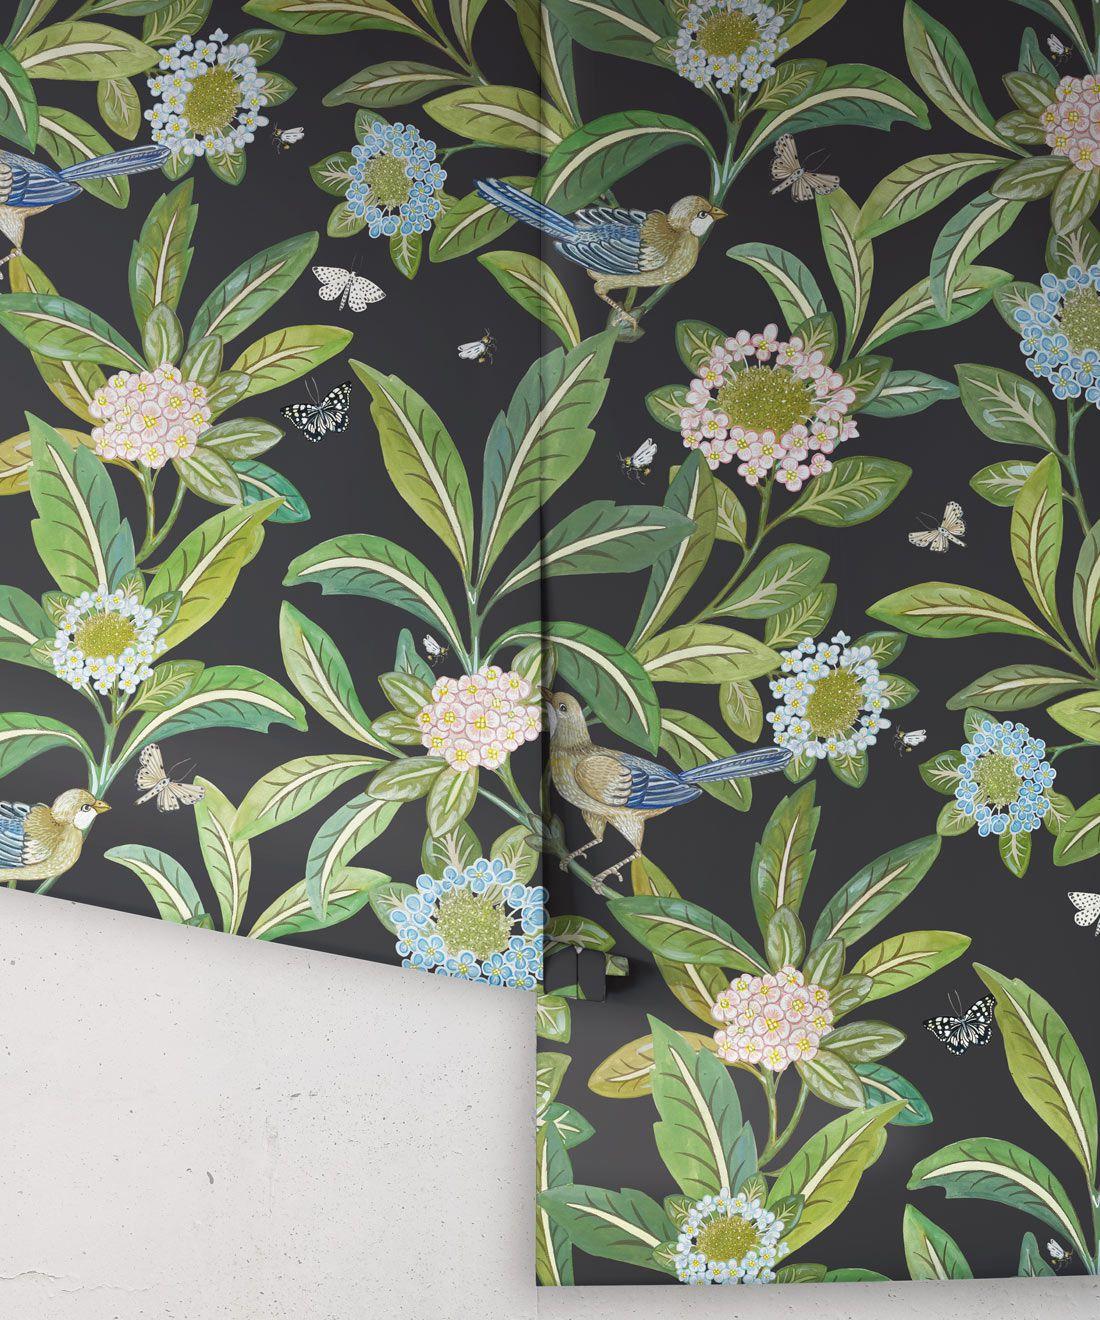 Summer Garden Wallpaper • Charcoal Wallpaper • Floral Wallpaper Swatch